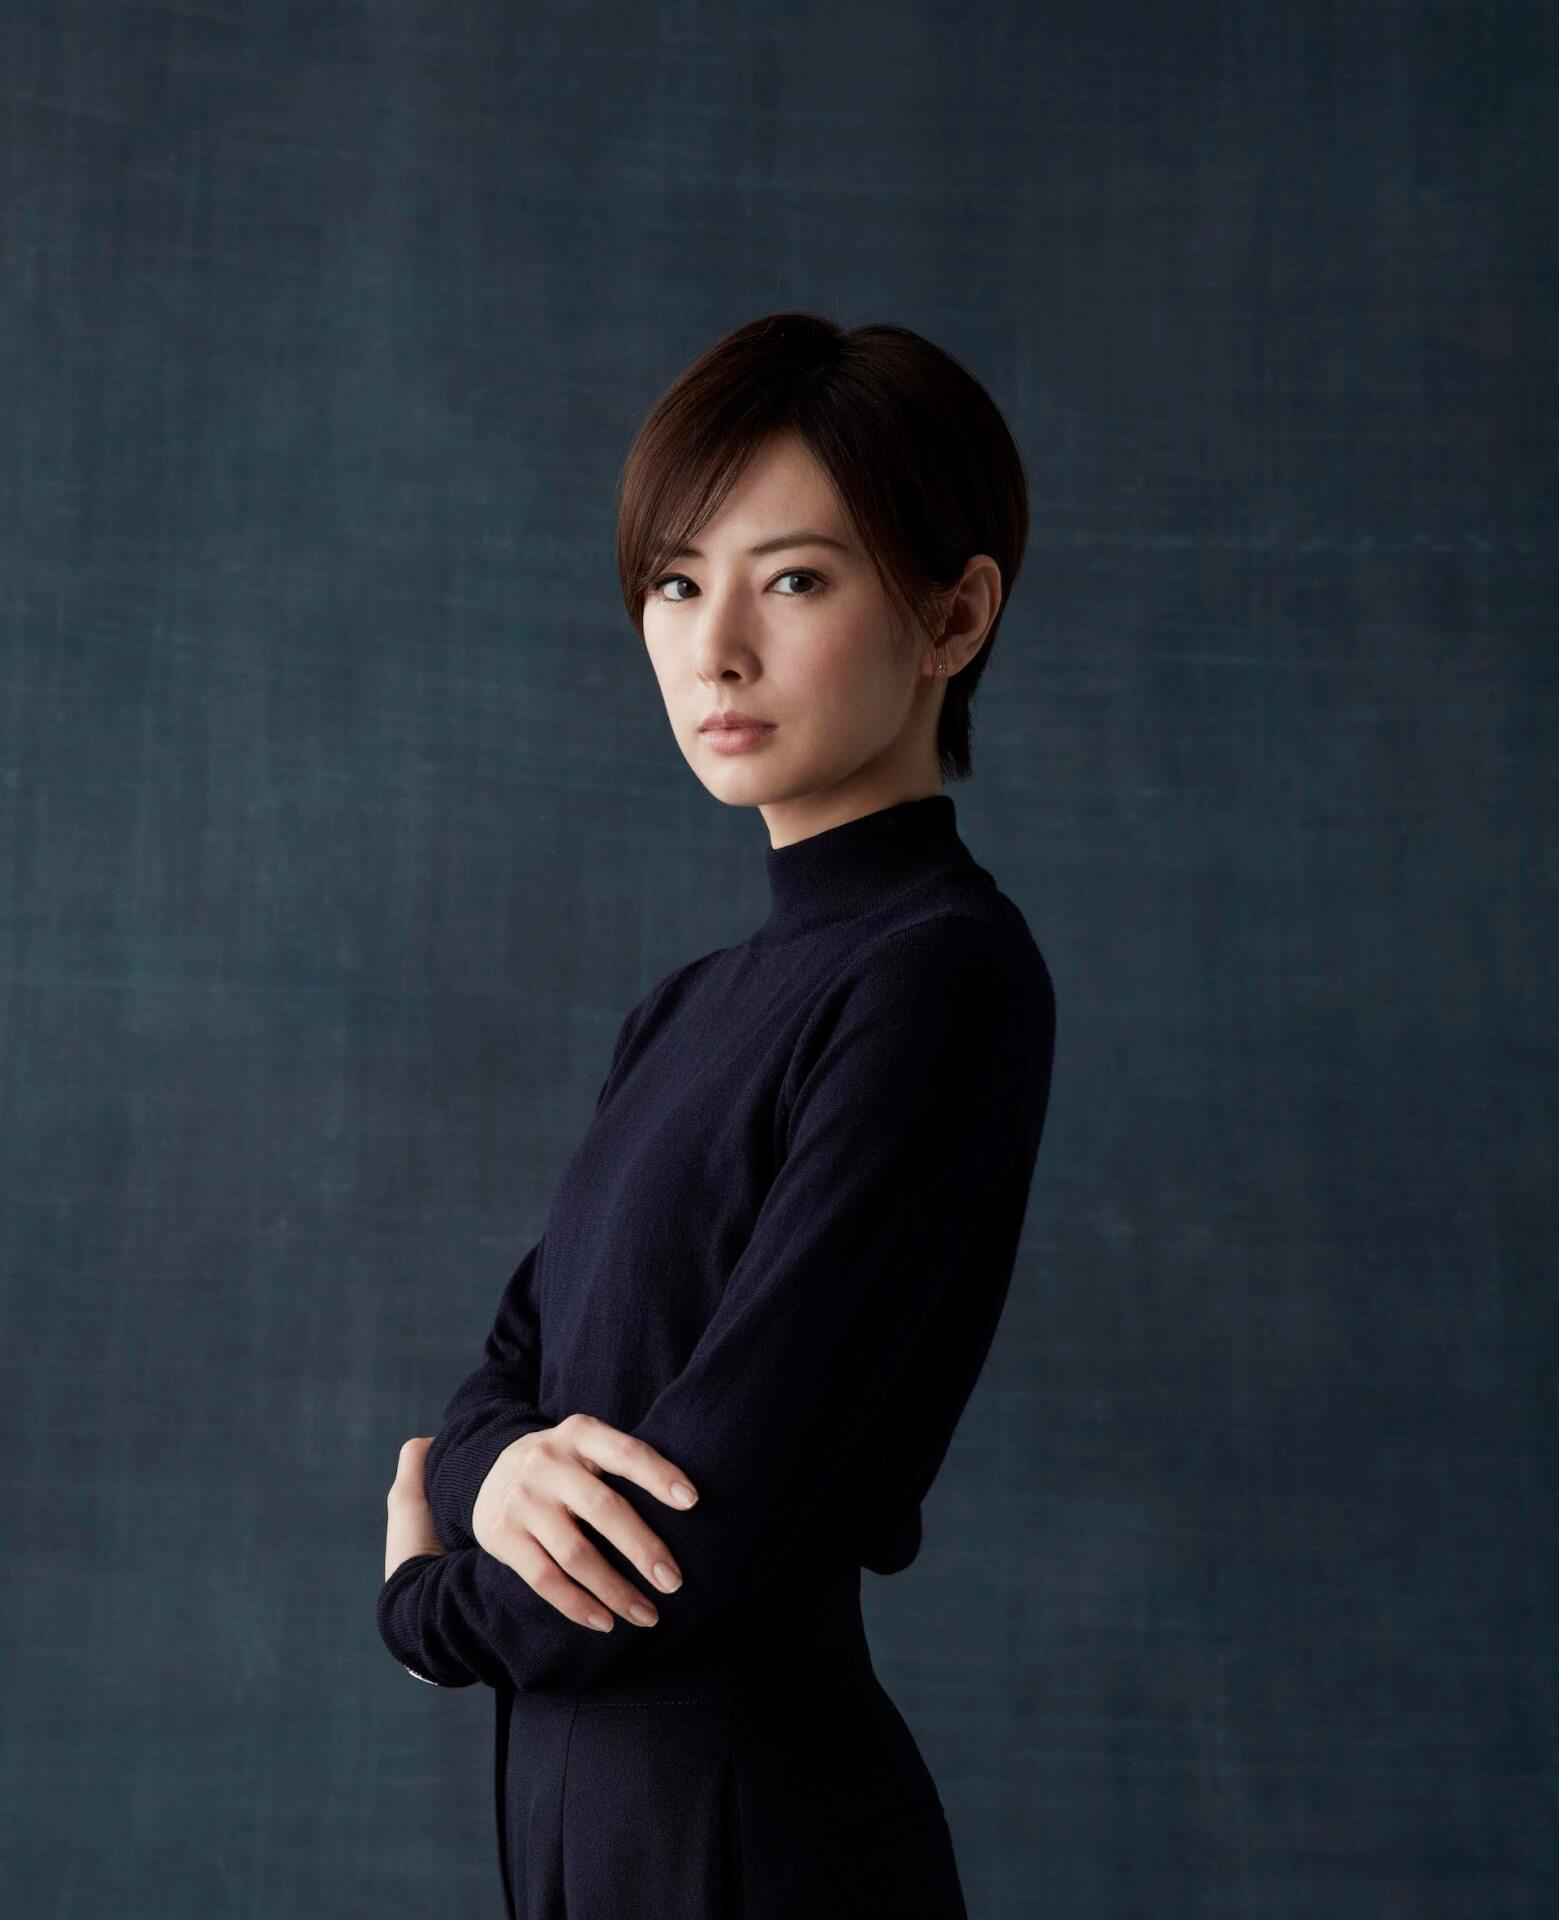 北川景子が役作りでデビュー後初のバッサリショートヘアに!堤幸彦監督最新作『ファーストラヴ』公開決定 film191107_firstlove_1